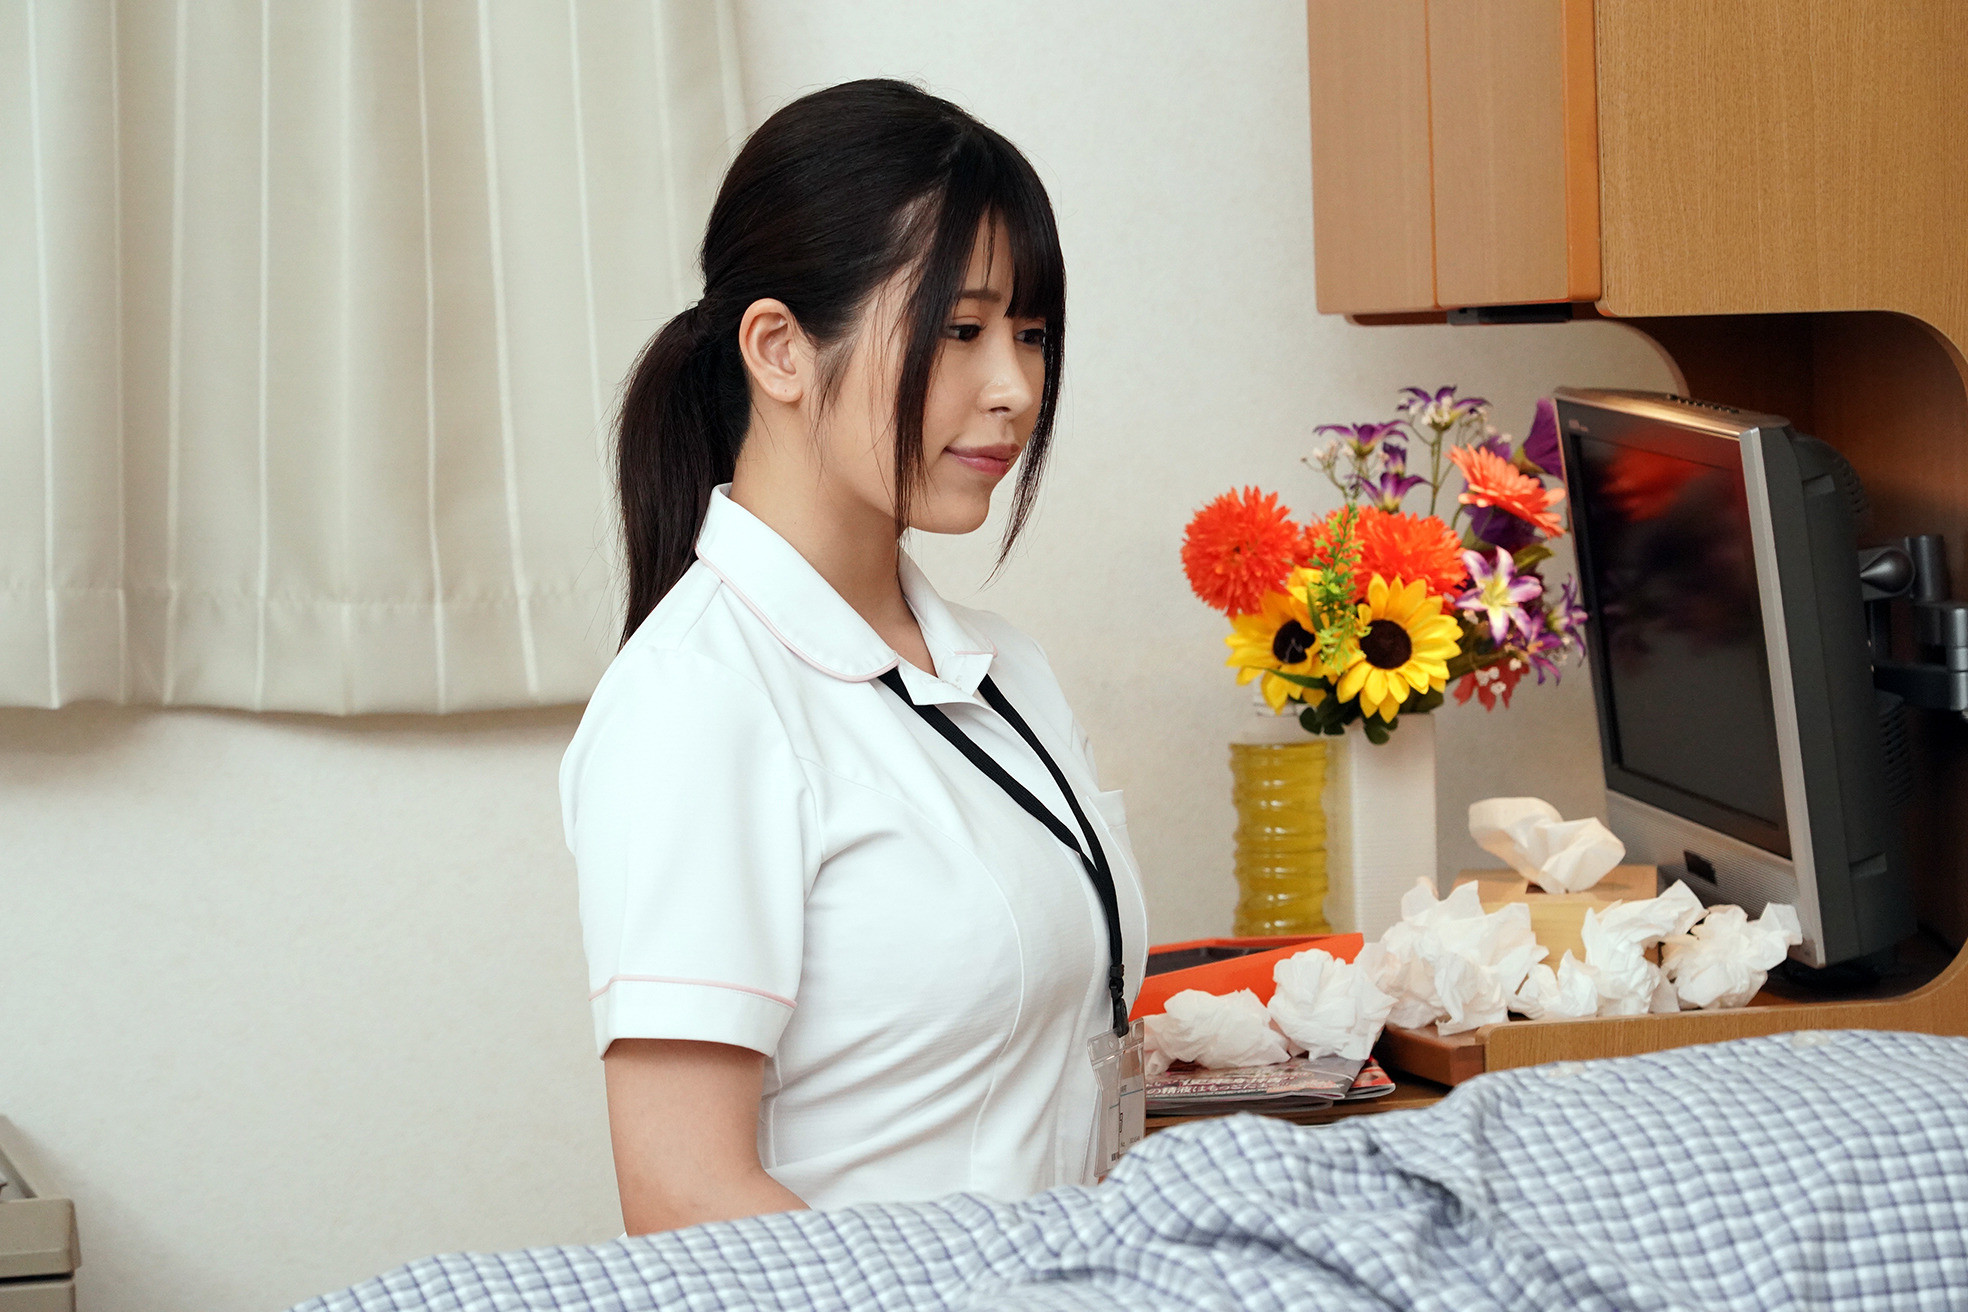 お願いされたら断れない!献身的なパイズリ狭射で性処理してくれるIカップ看護師 有岡さん 画像2